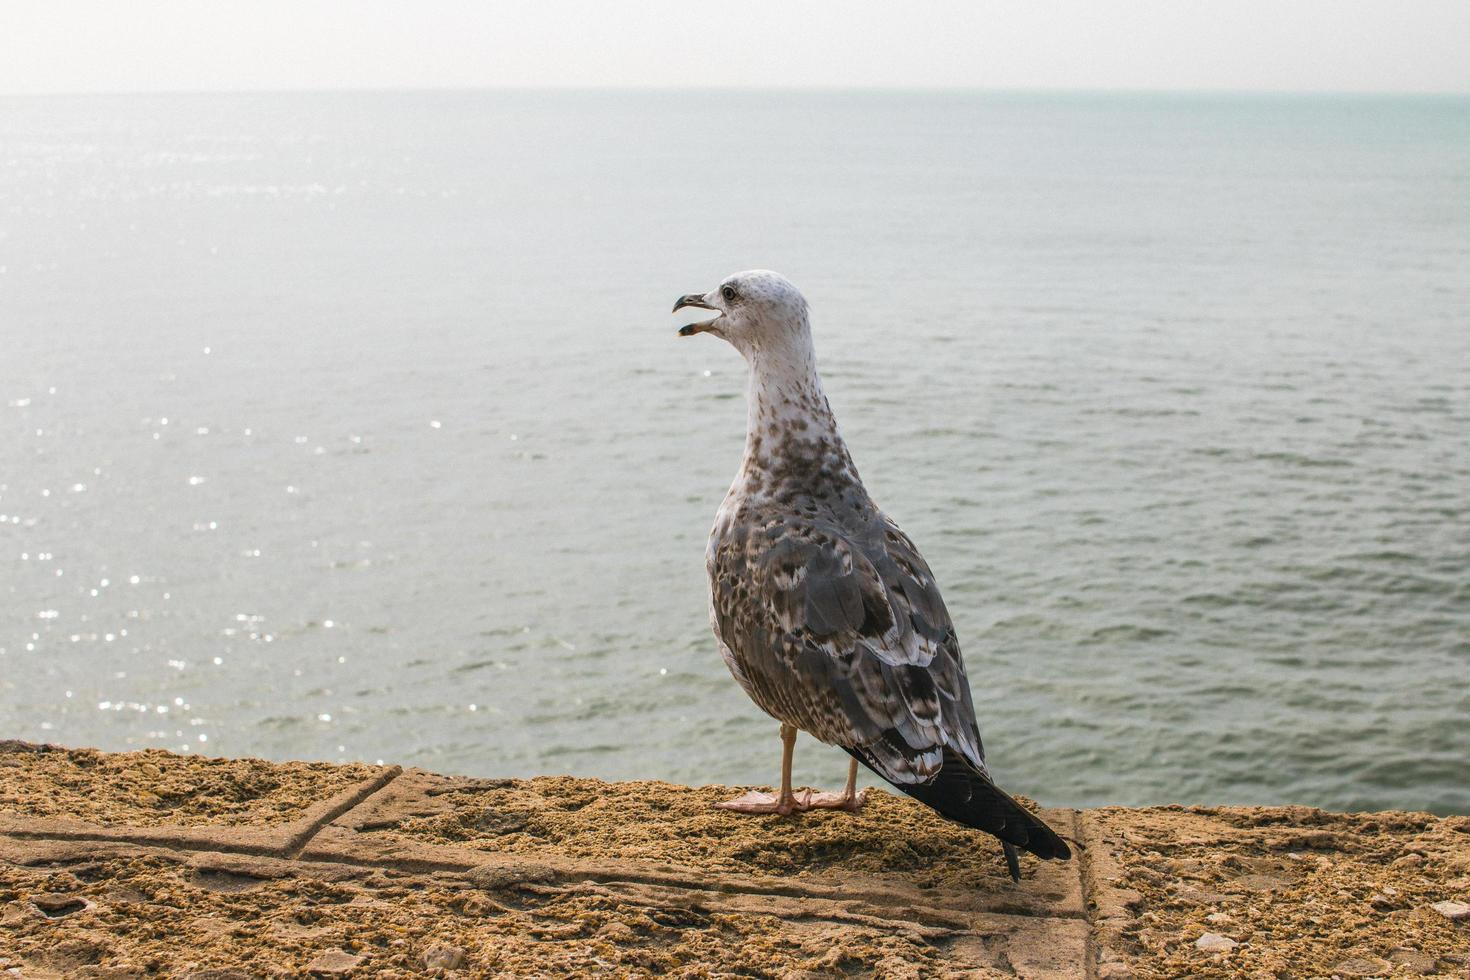 mouette debout sur le mur près de l'océan photo